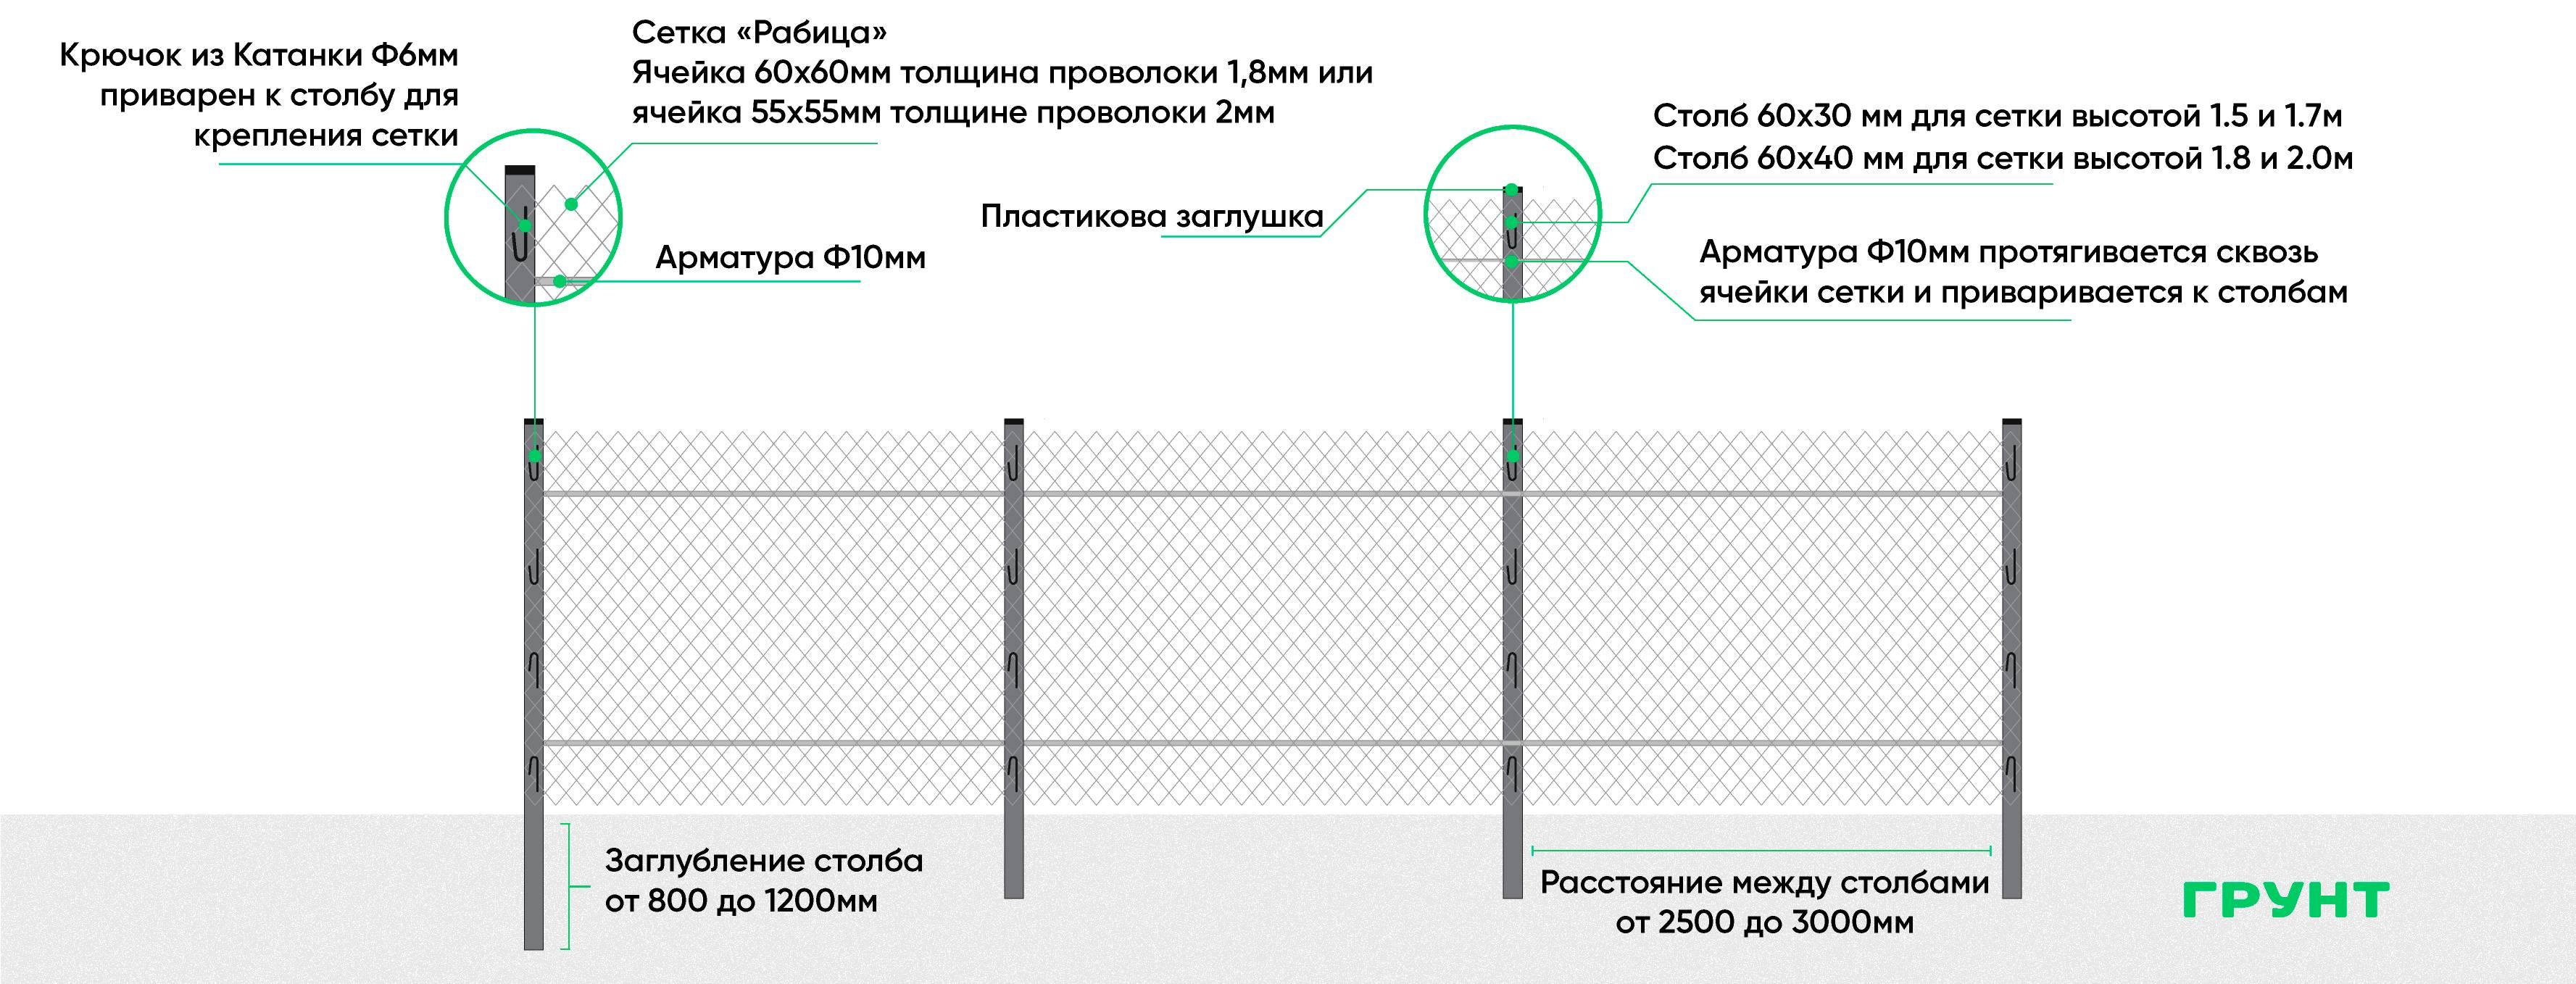 3д забор — пошаговая инструкция самостоятельной установки